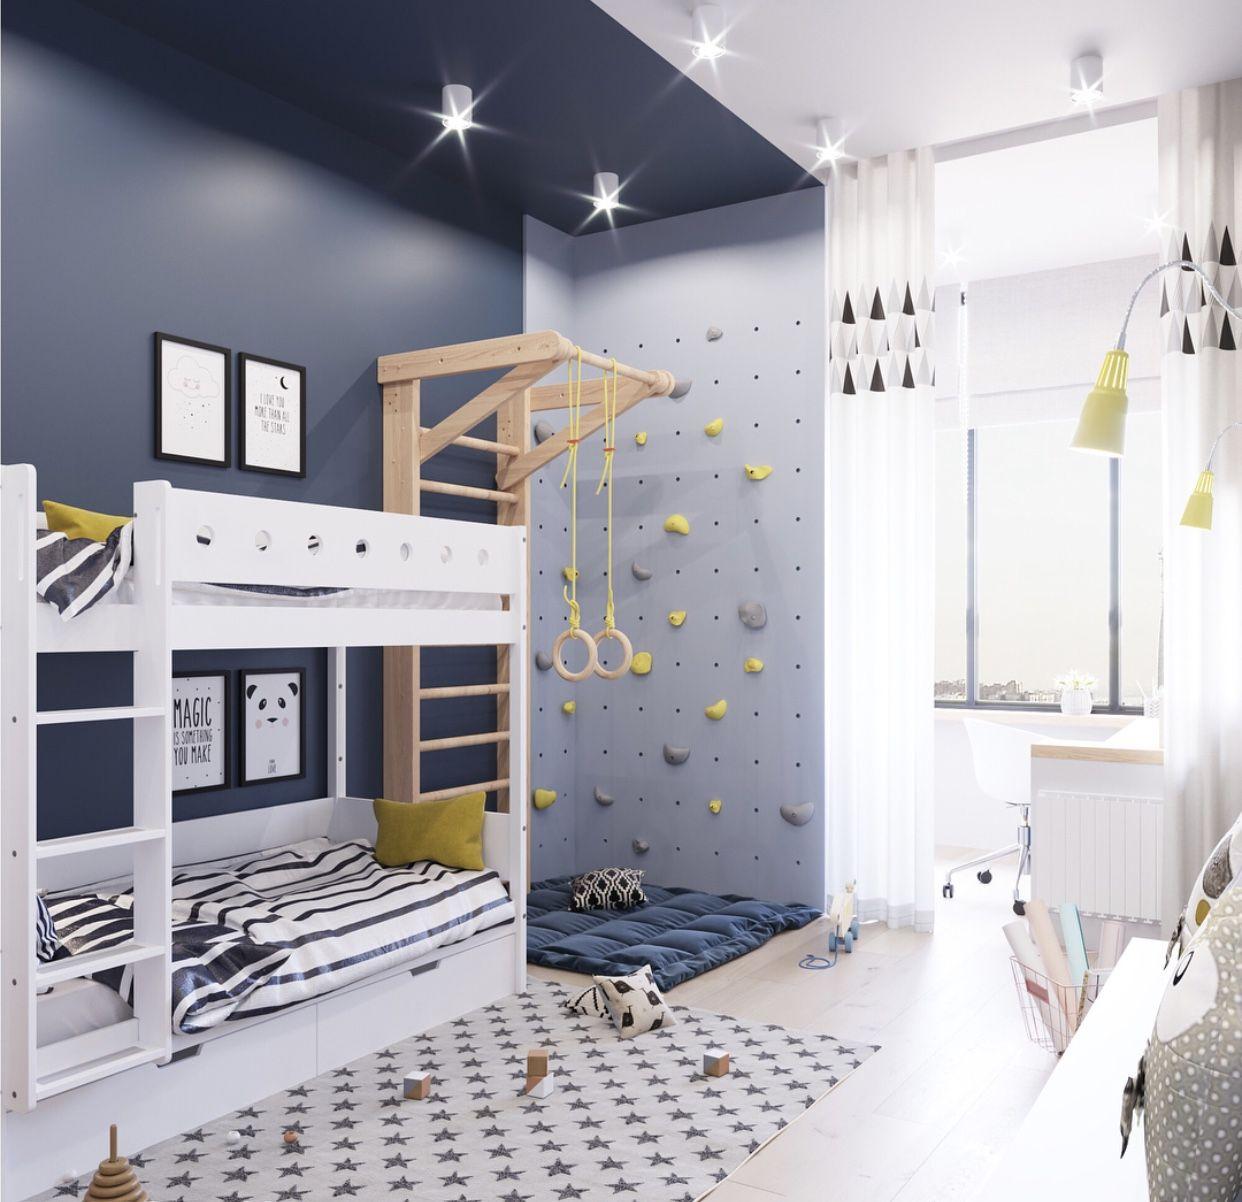 Pin By Anastasiya On Detskaya Cool Kids Rooms Kids Space Bedroom Kid Spaces Concept cool kids rooms